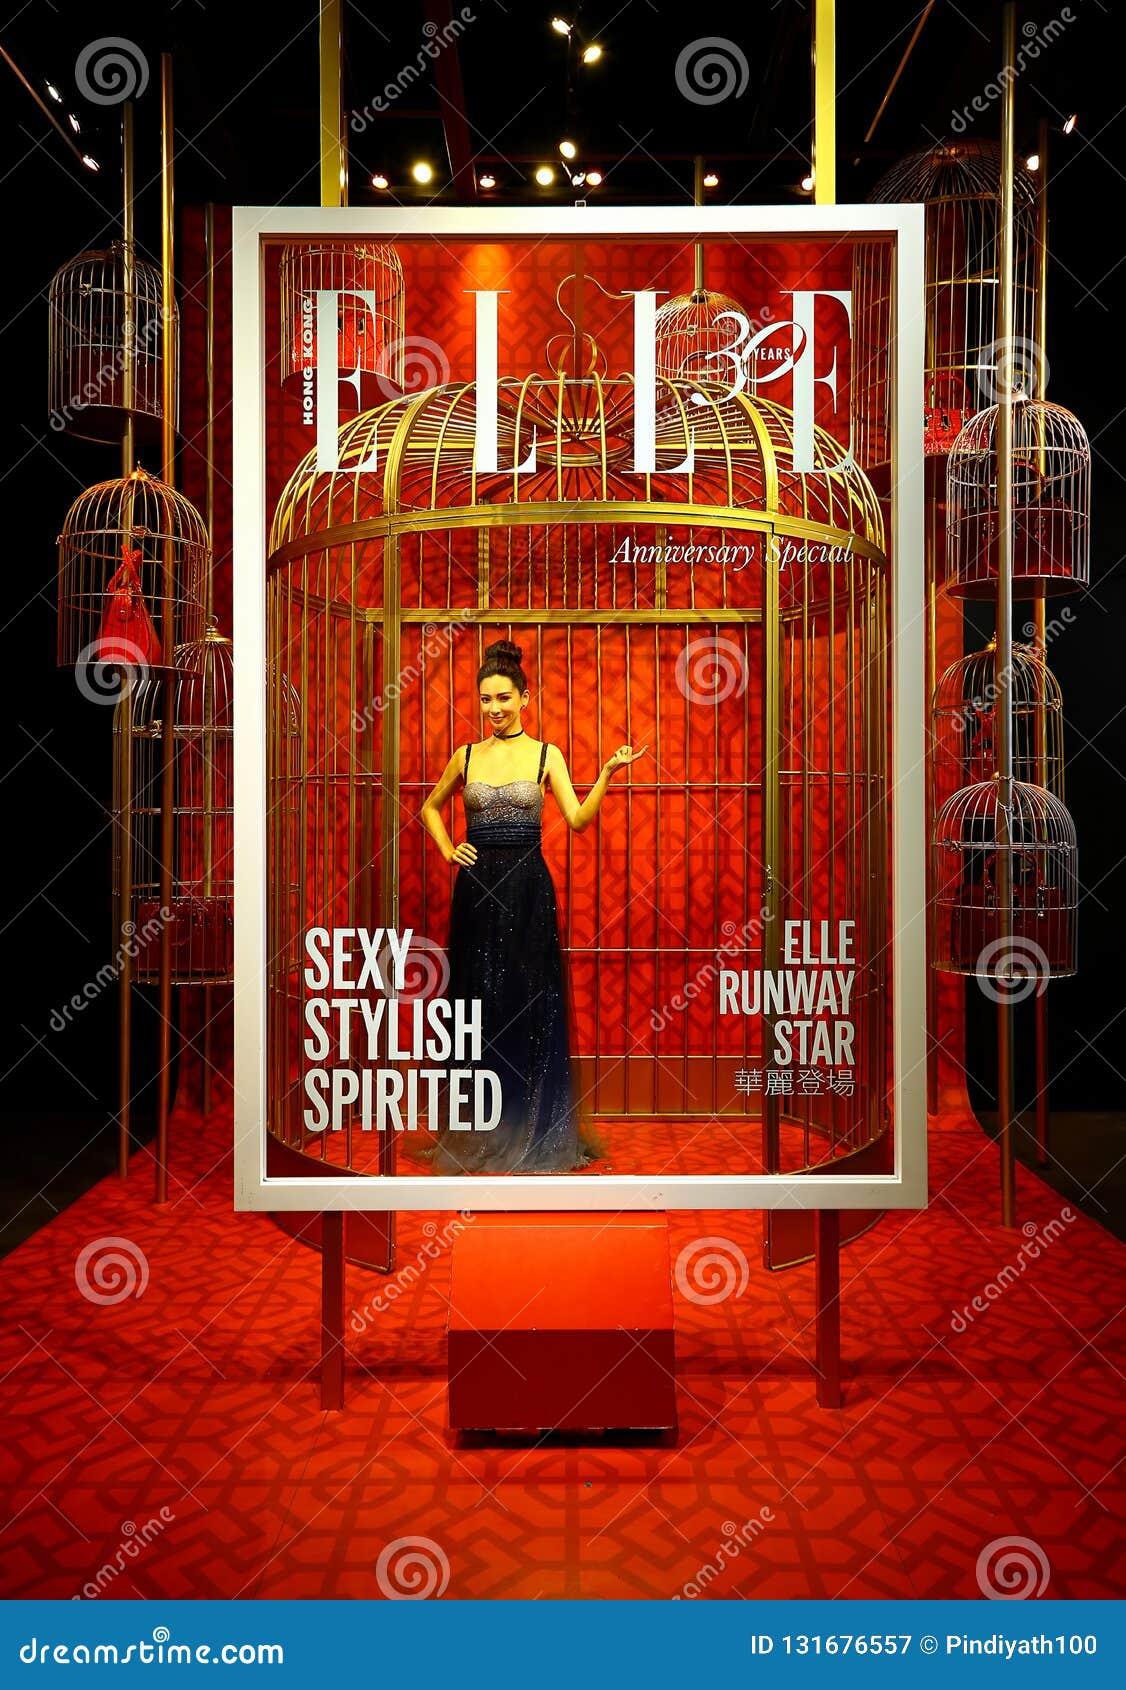 30. Jahrestagsanzeige Elle Hong Kong an Madame tussauds in Hong Kong